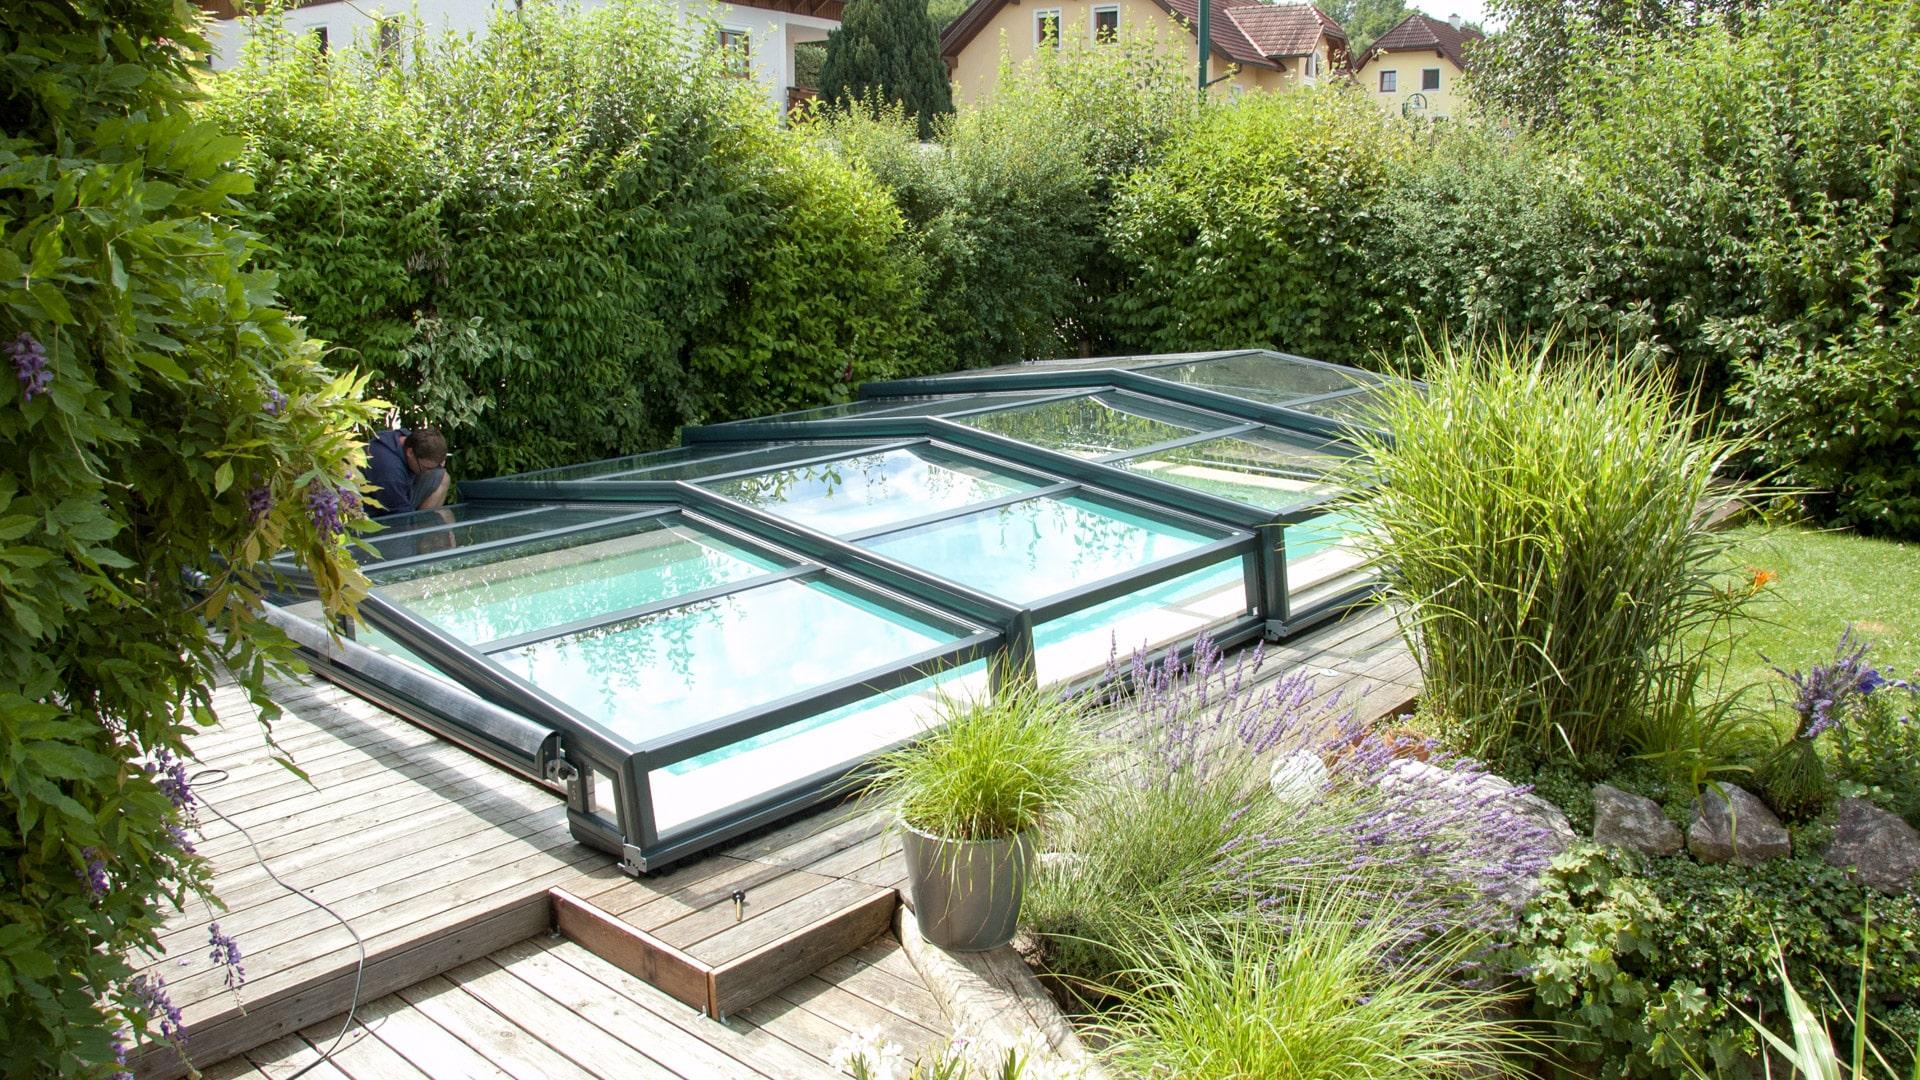 abris de piscine bas discret abri piscine t lescopique et modulable. Black Bedroom Furniture Sets. Home Design Ideas